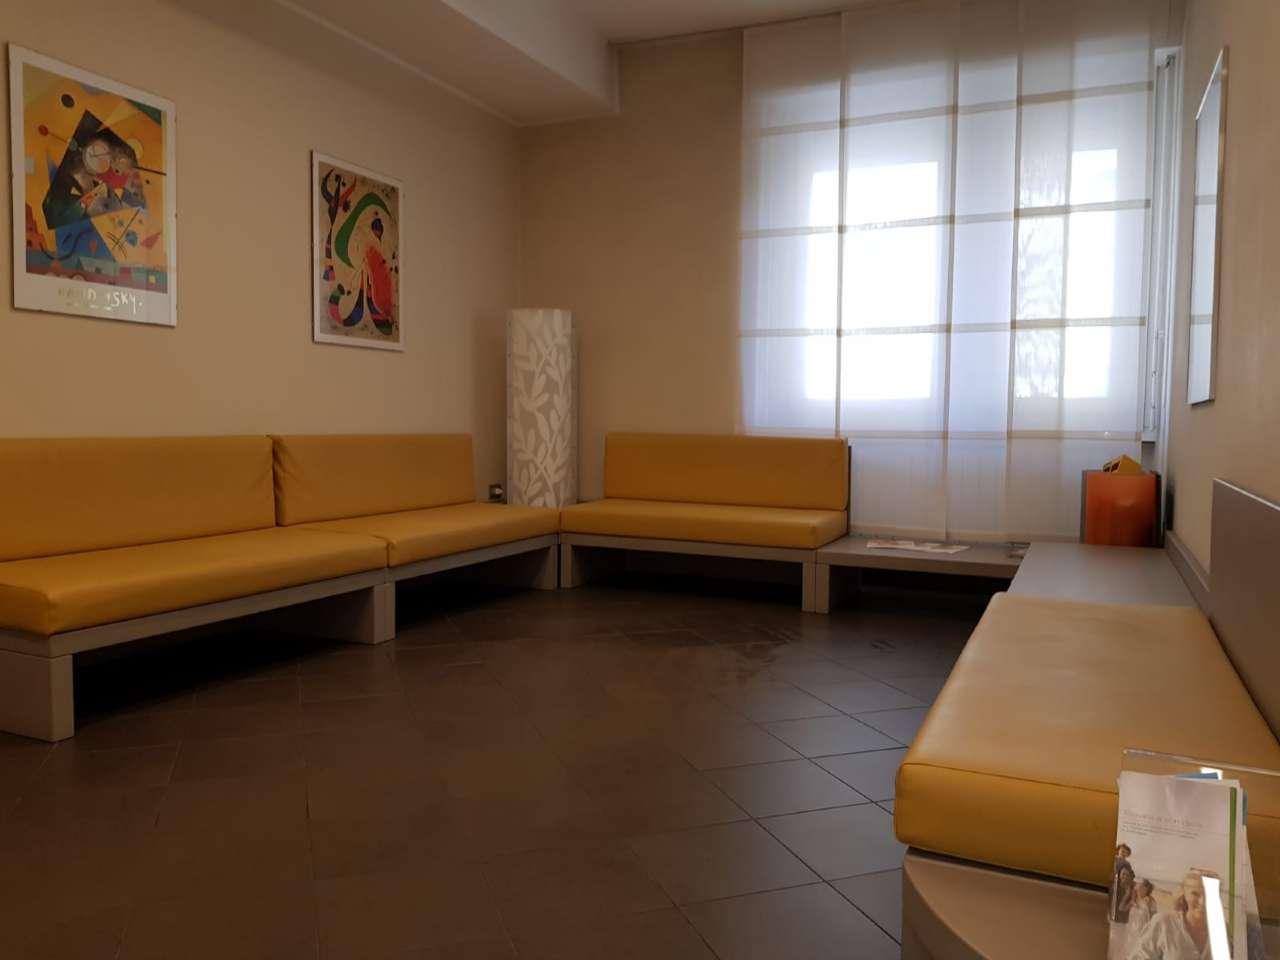 Ufficio / Studio in affitto a Sondrio, 6 locali, Trattative riservate | PortaleAgenzieImmobiliari.it